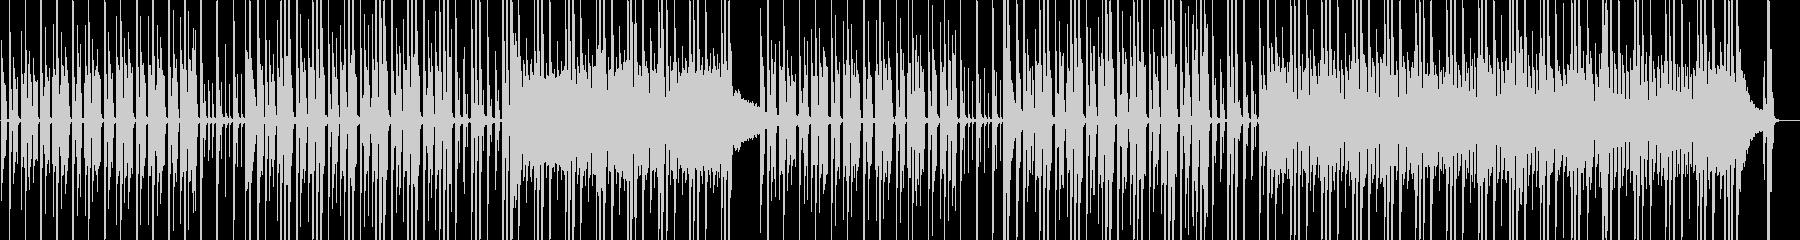 洋画のオープニングの様な雰囲気の未再生の波形